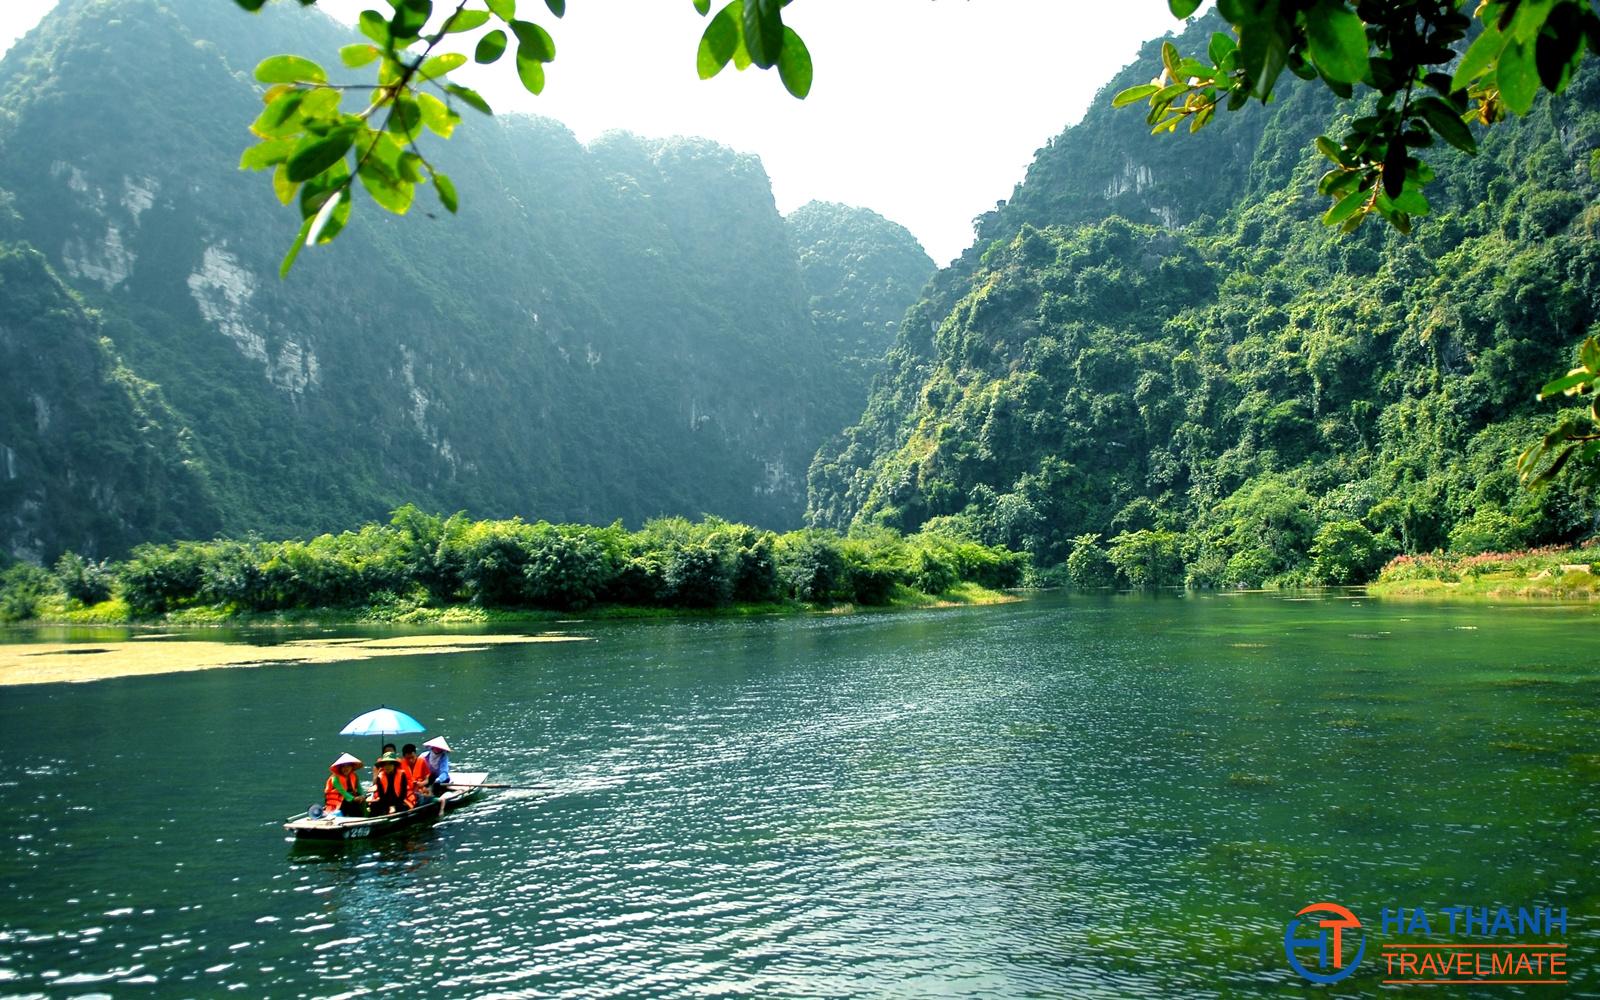 Bai Dinh – Trang An Full Day Tour